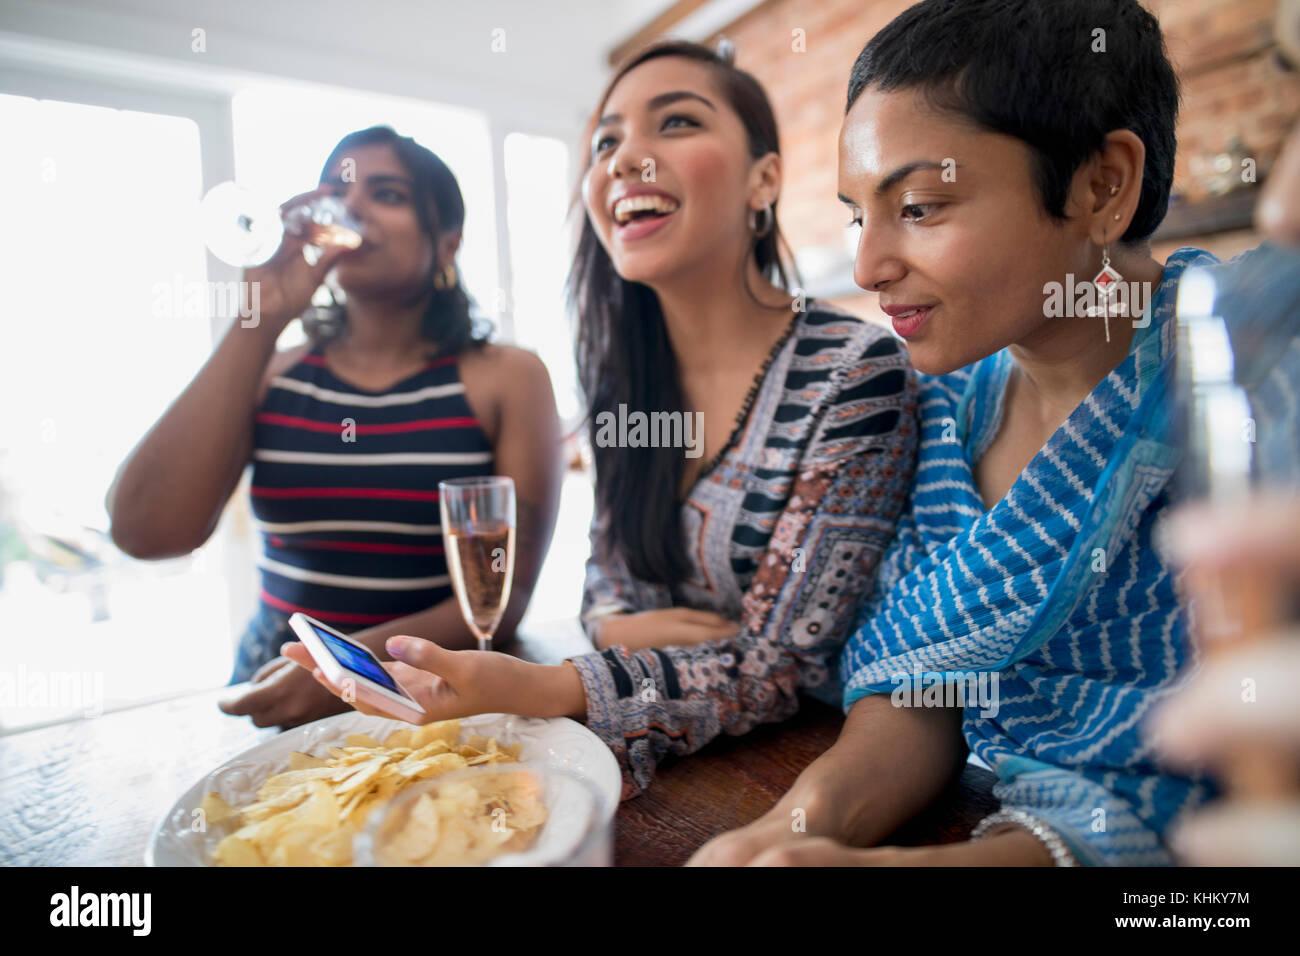 Le giovani donne a una festa Immagini Stock